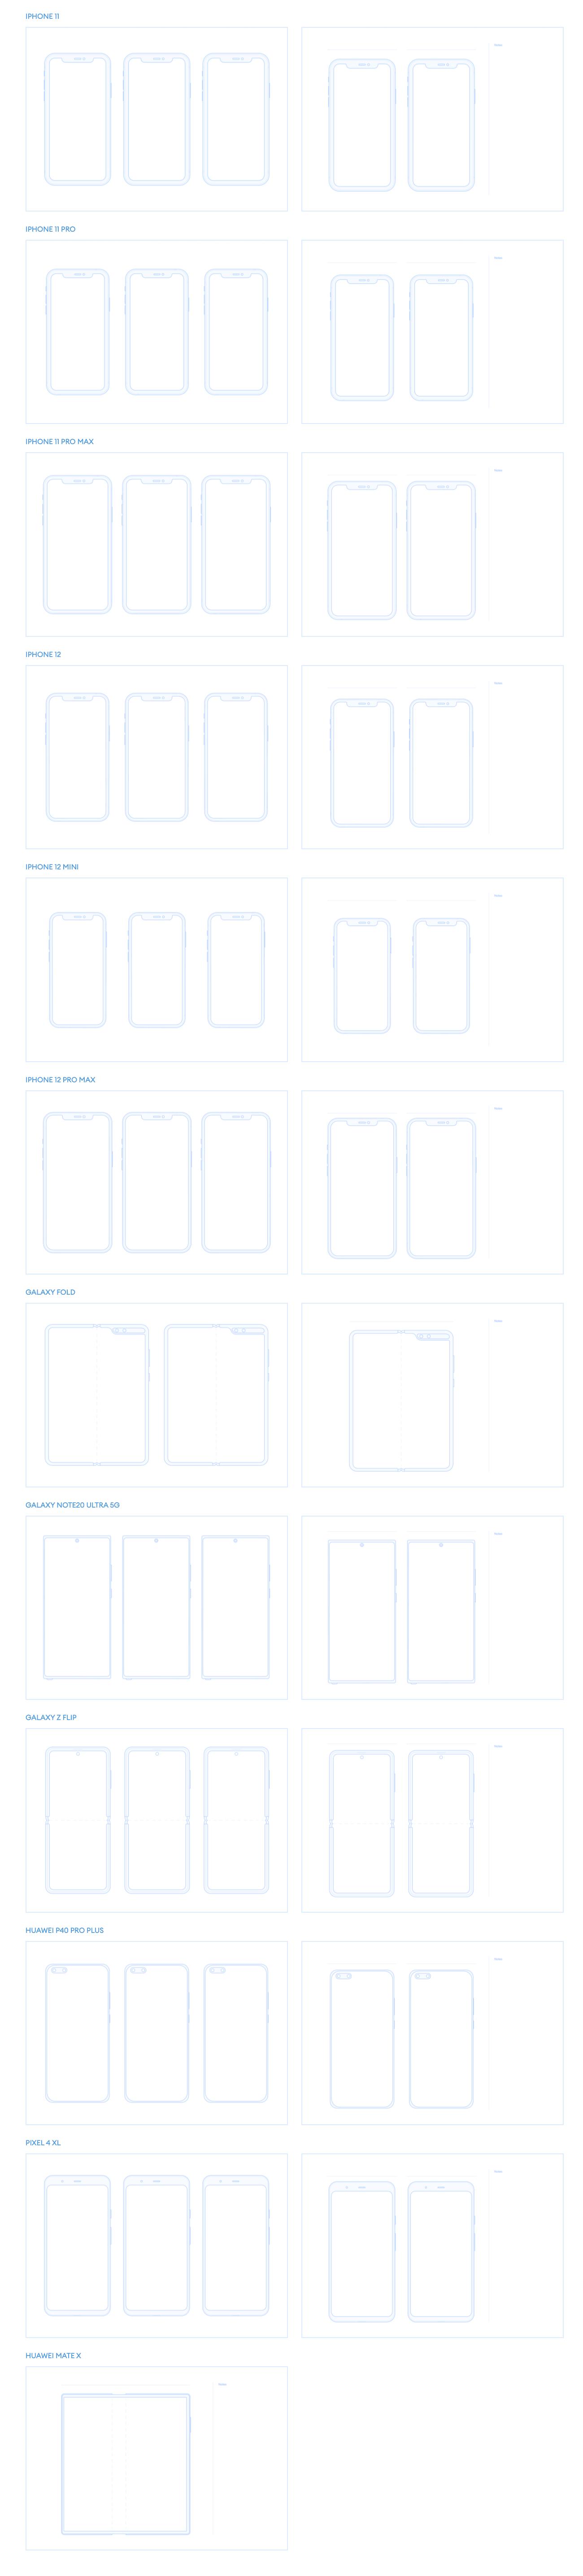 Figma的可打印免费模板-用于移动草图的免费可打印模板。 开始以清晰的头脑和屏幕结构的表示来创建您的应用程序。 包装中有12台设备(适用于iPhone和Android),因此您可以在多台设备上显示。